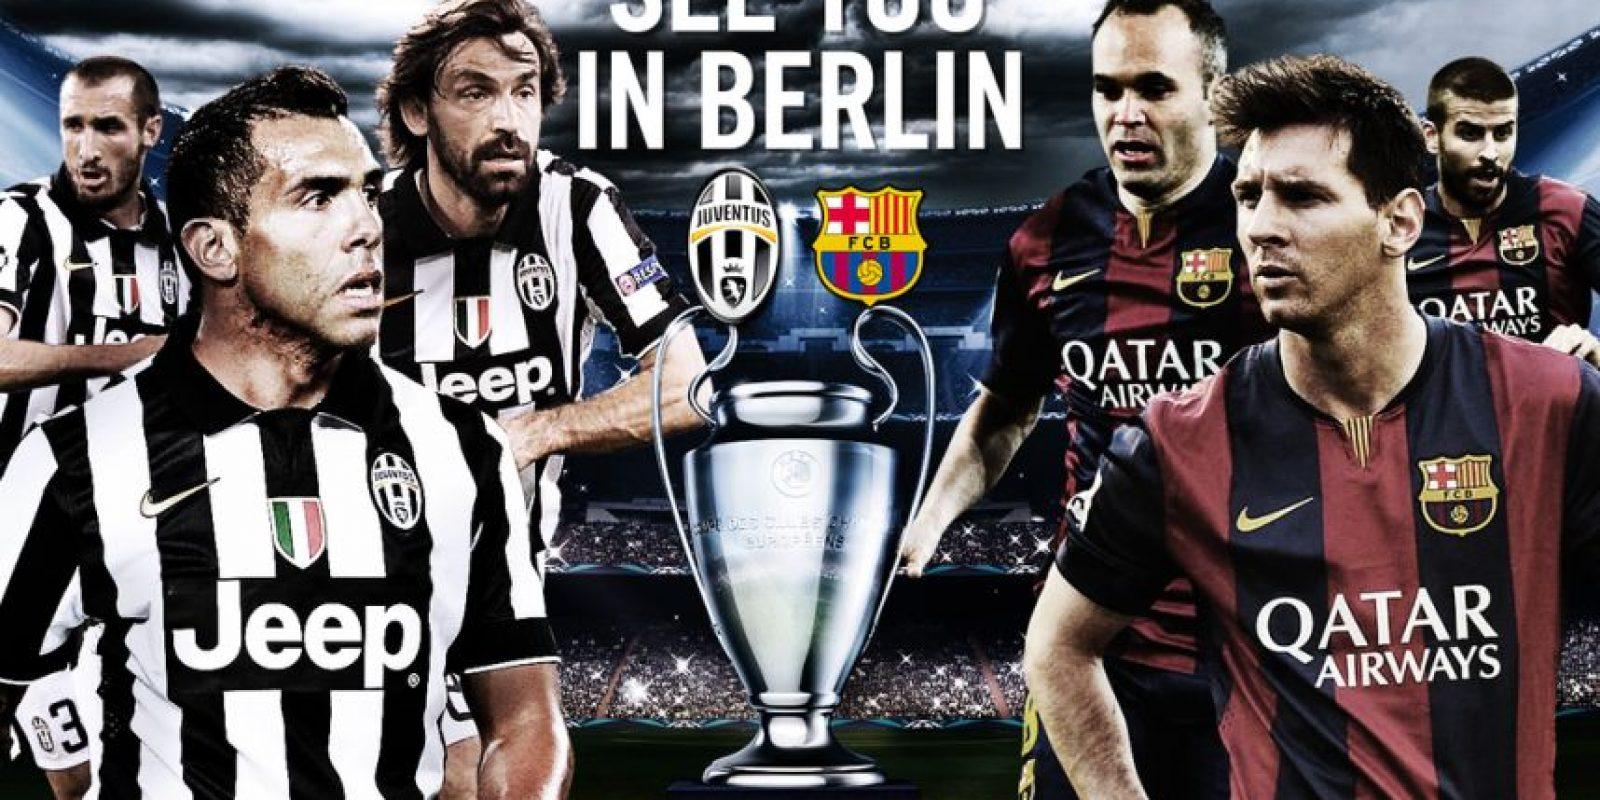 """Y en redes sociales, la """"Juve"""" le mandó un mensaje a su próximo rival, el Barcelona: """"Te veo en Berlín"""". Foto:Vía twitter.com/juventusfc"""